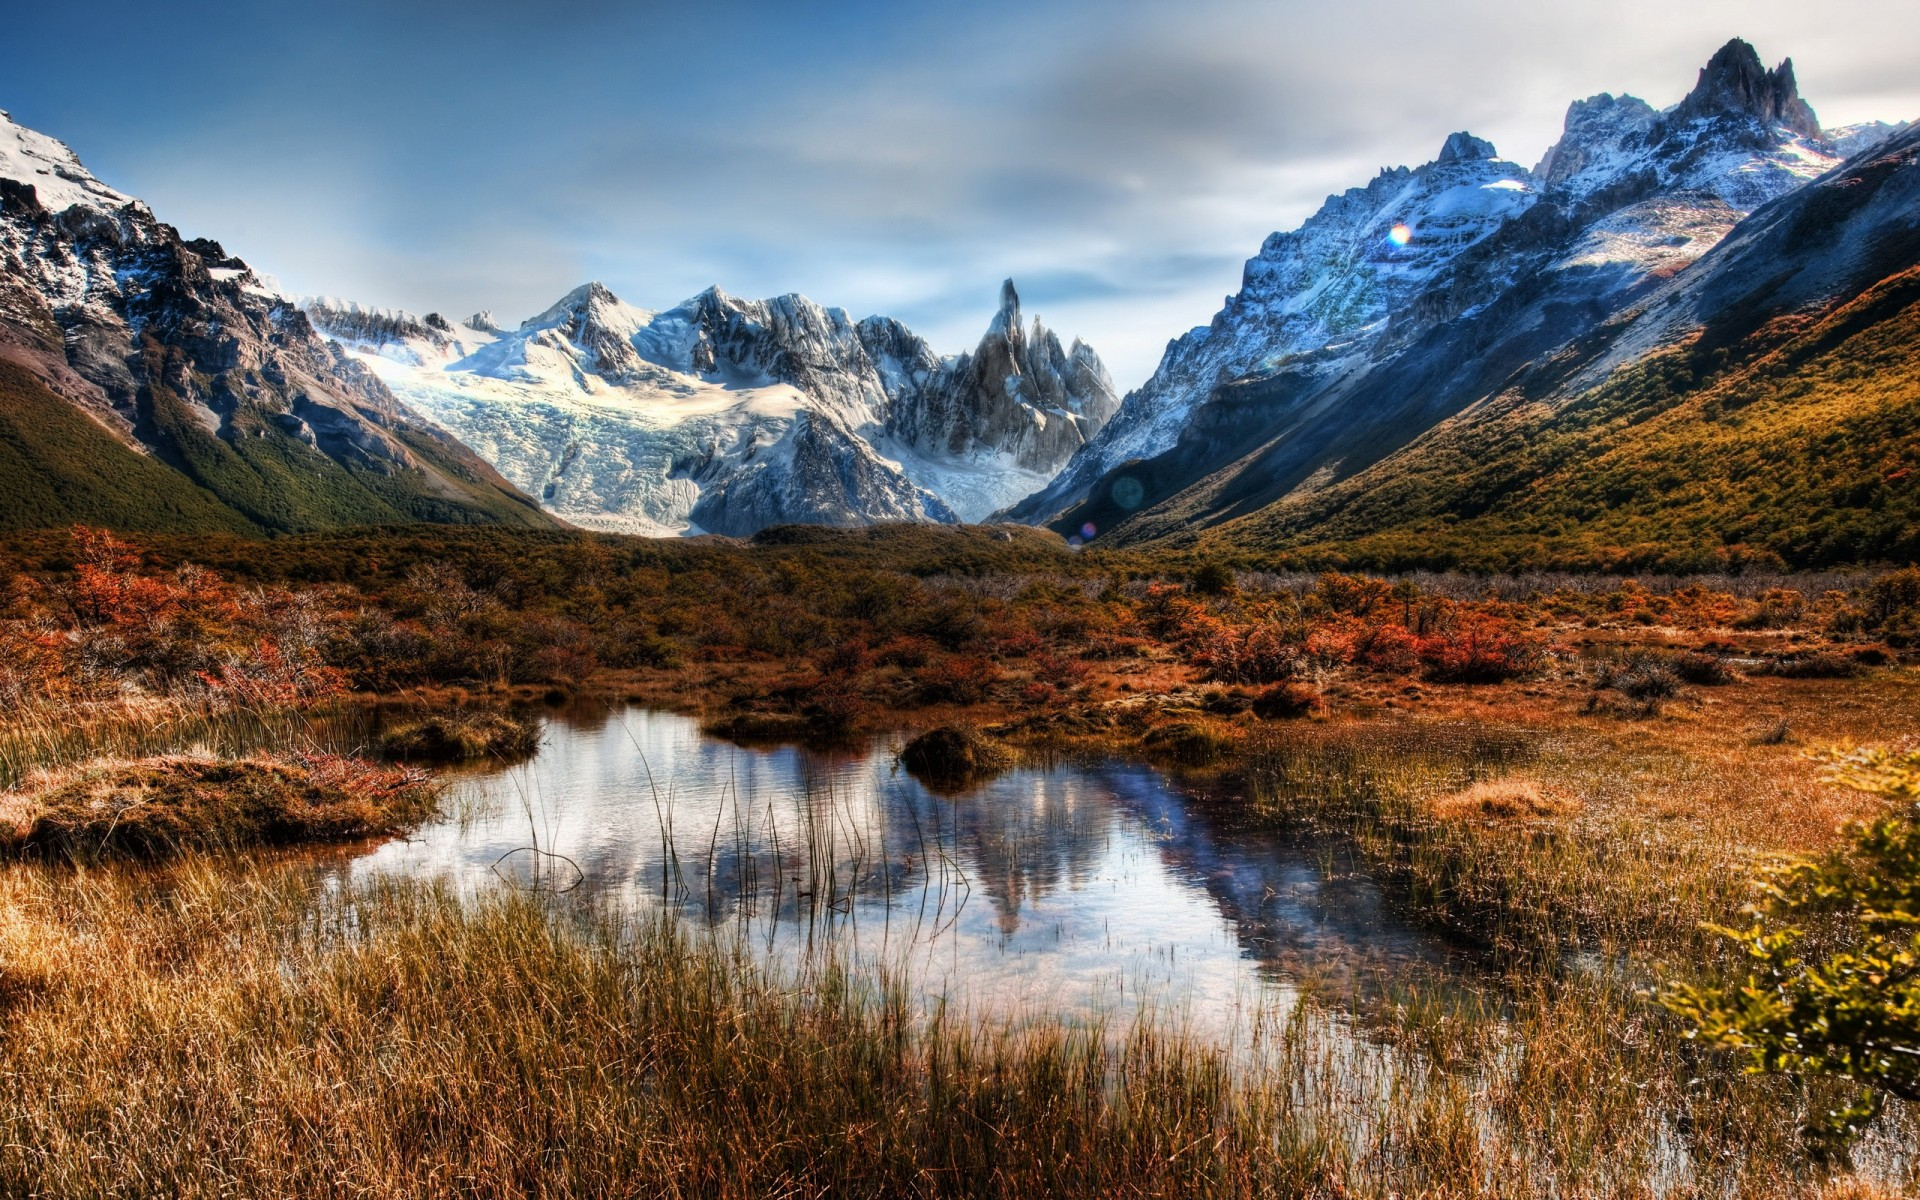 необычно оформить фото горных пейзажей в высоком качестве заводского немного хватает